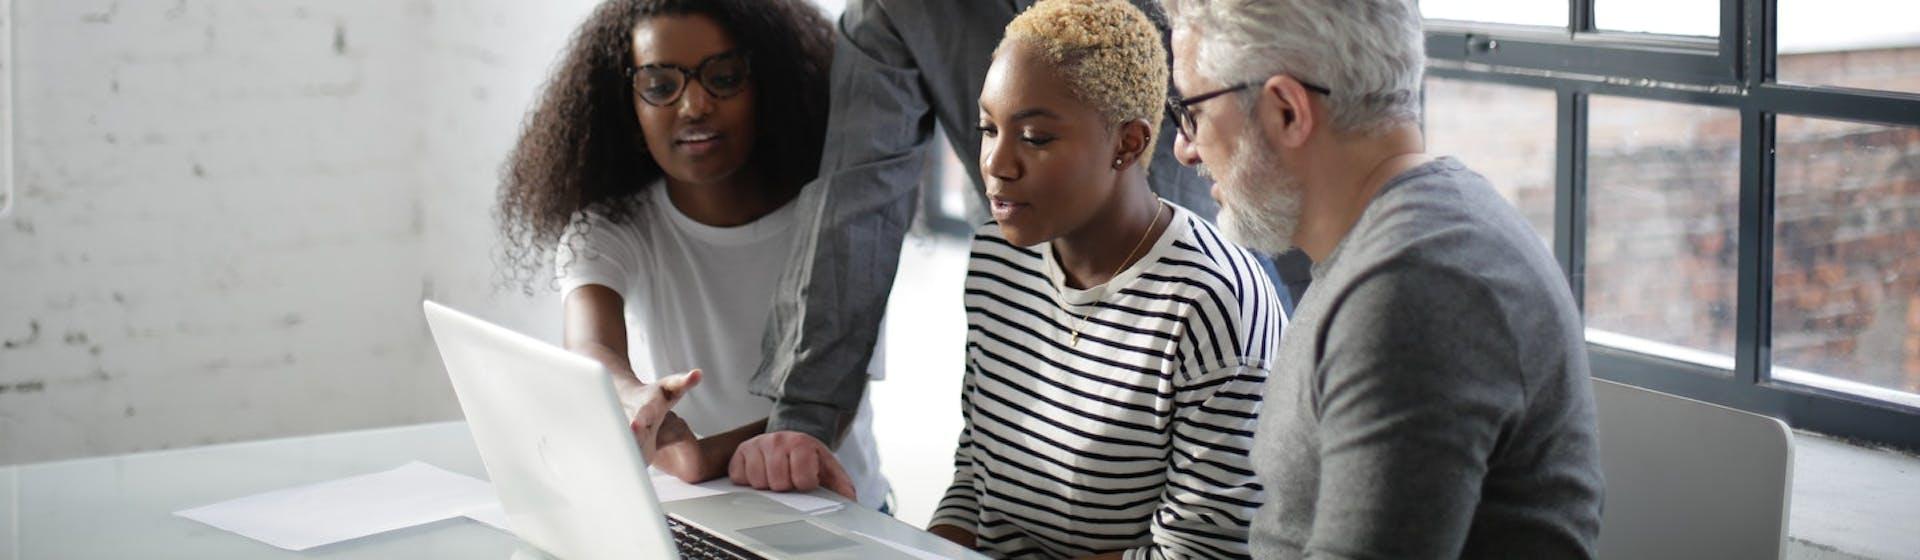 ¿Qué es Project Management? Gestiona proyectos al estilo de Netflix y Airbnb